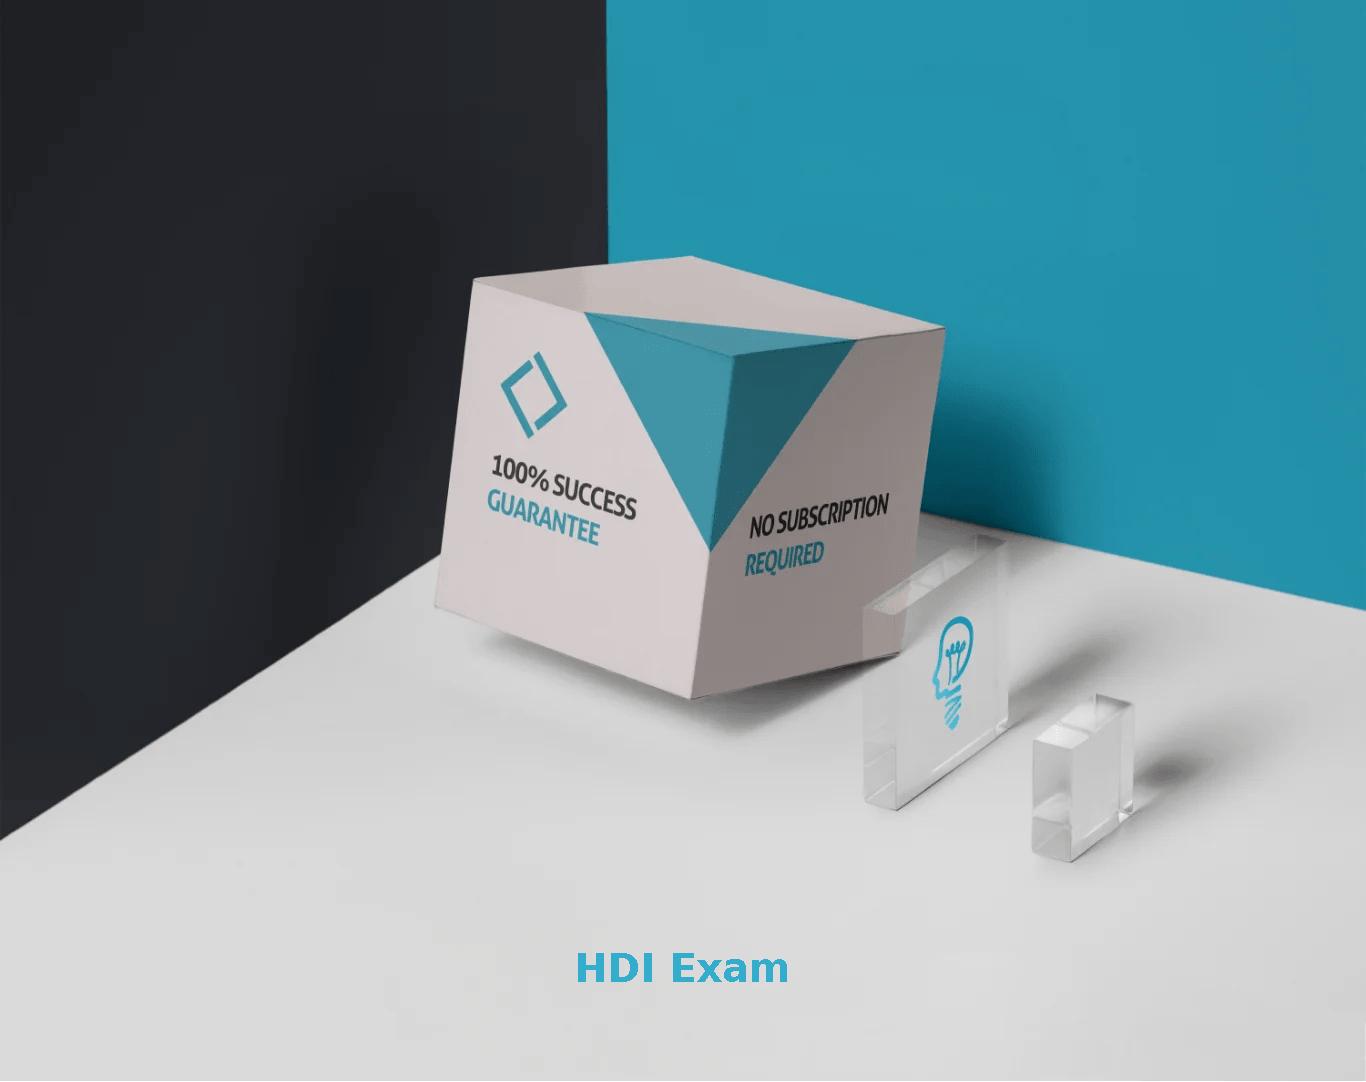 HDI Exam Dumps